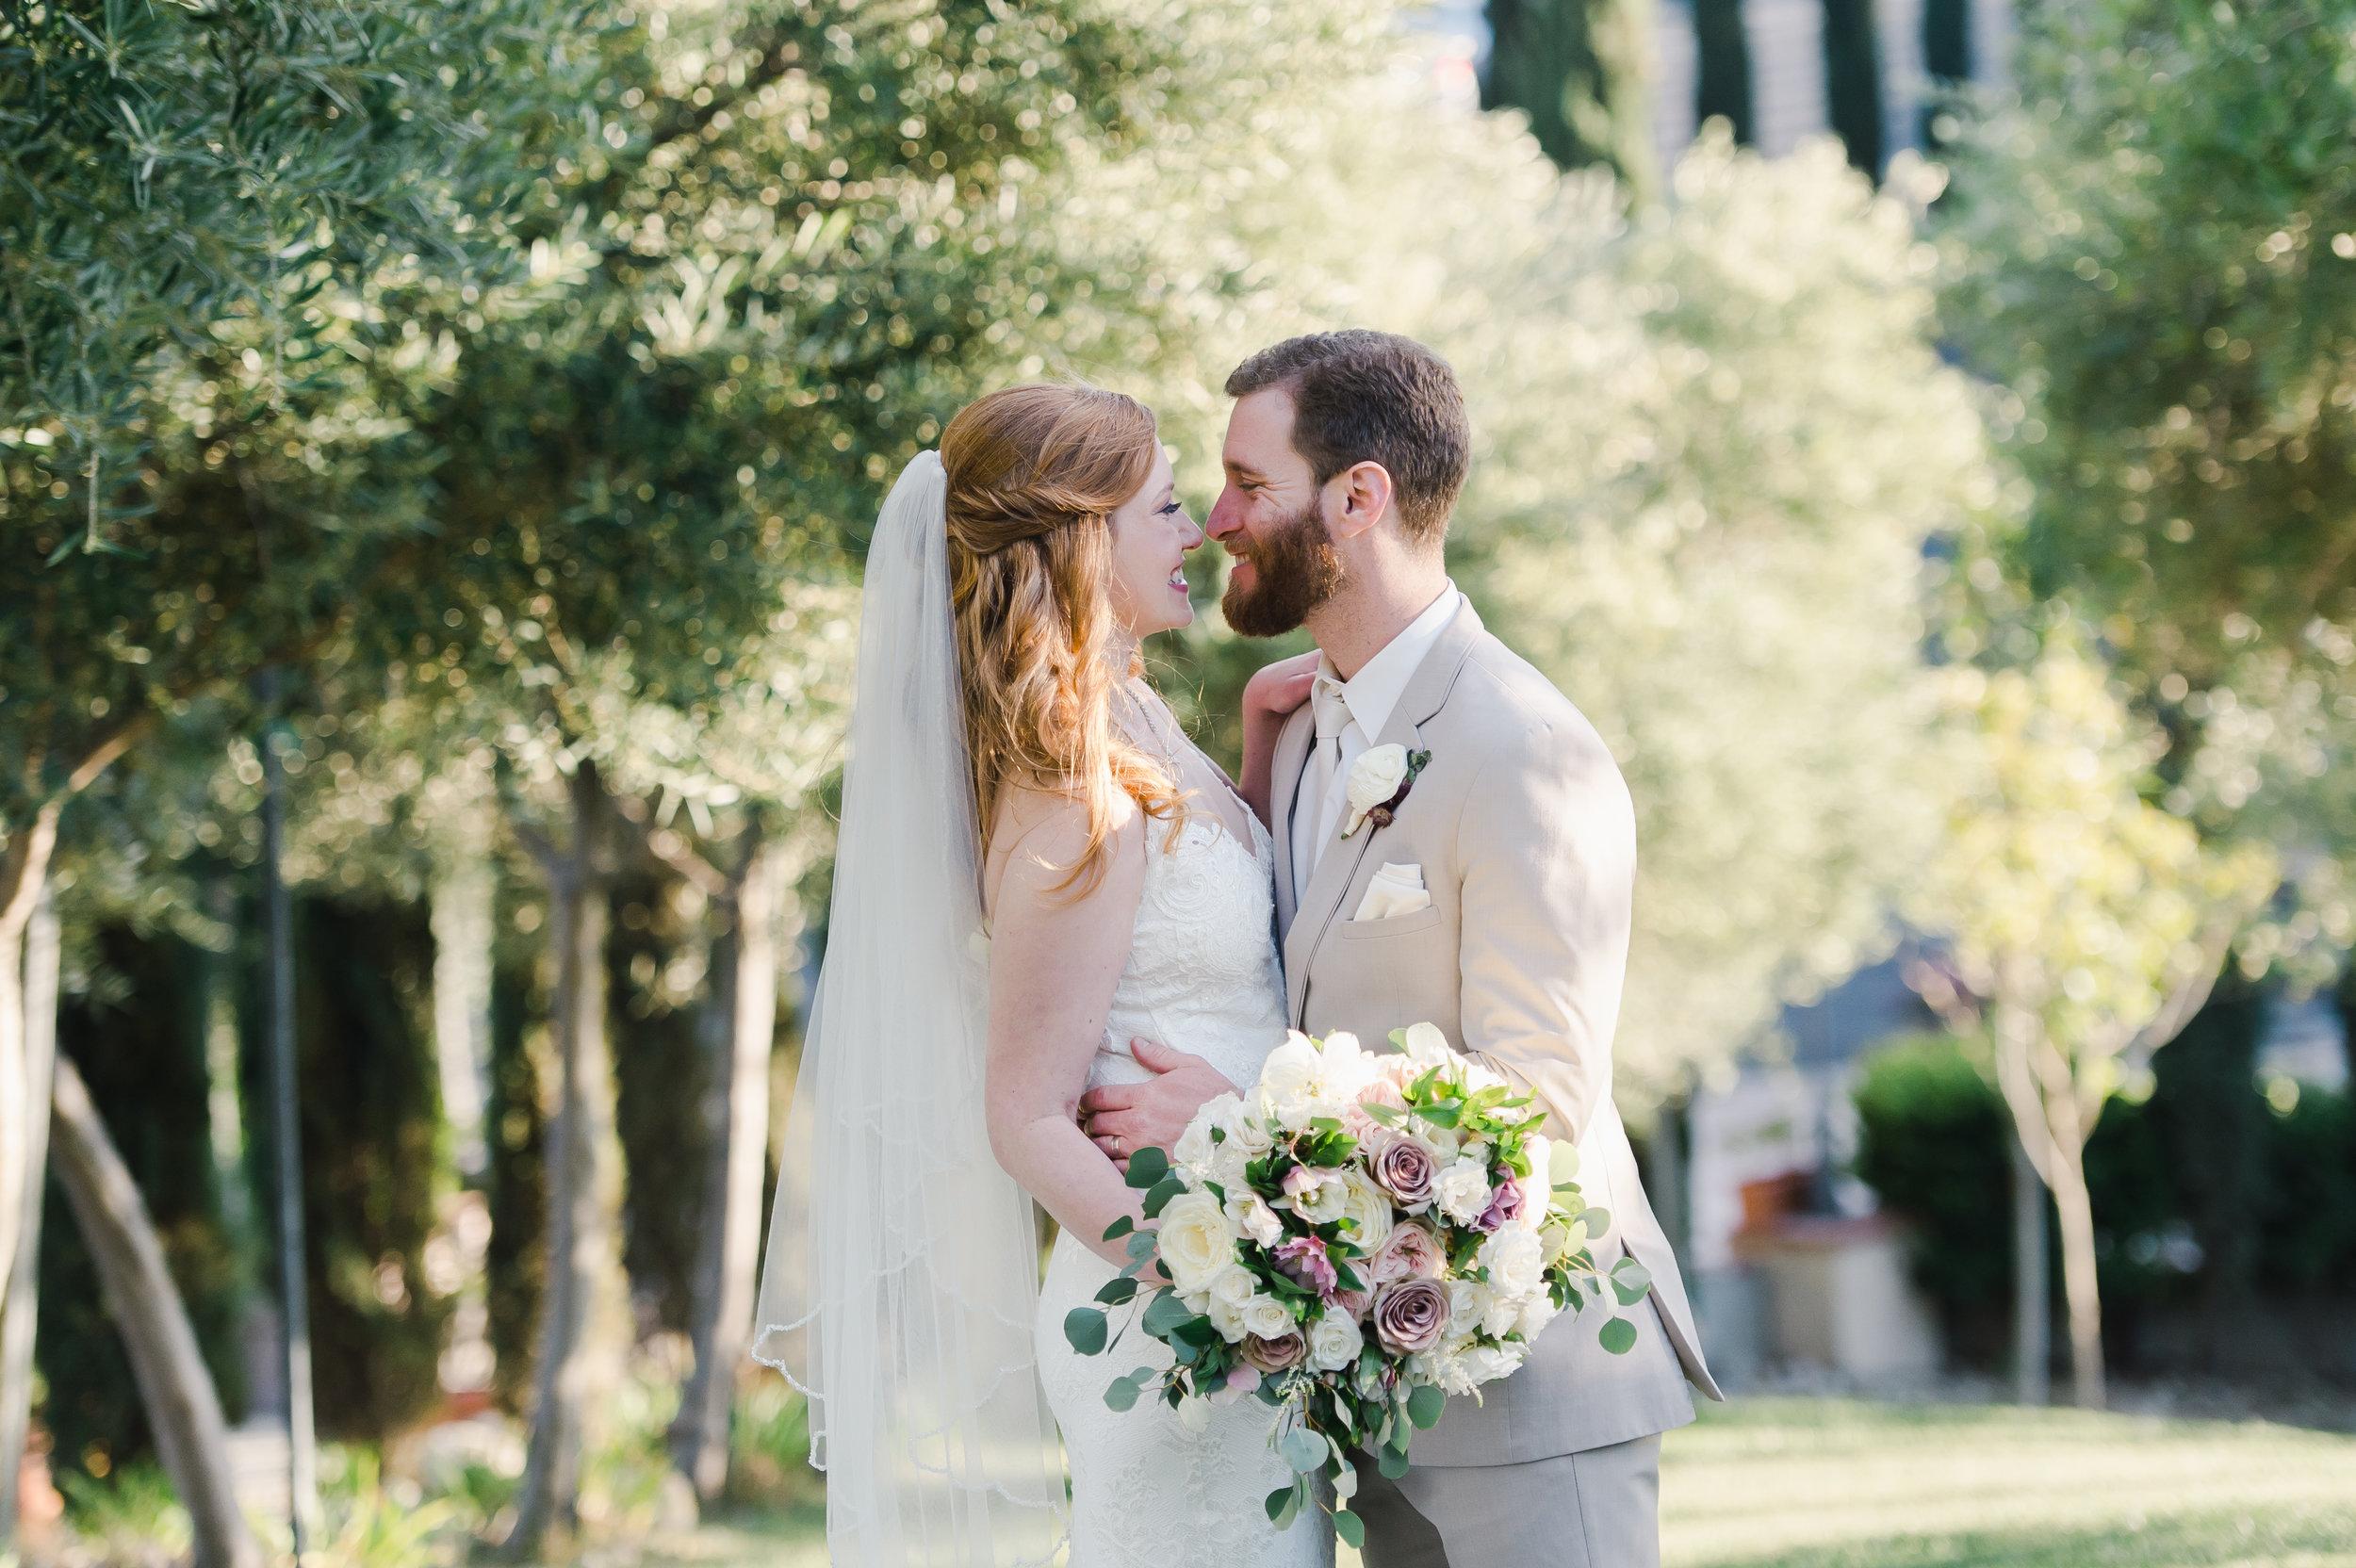 42mountpalomarwineryweddingpictures.jpg